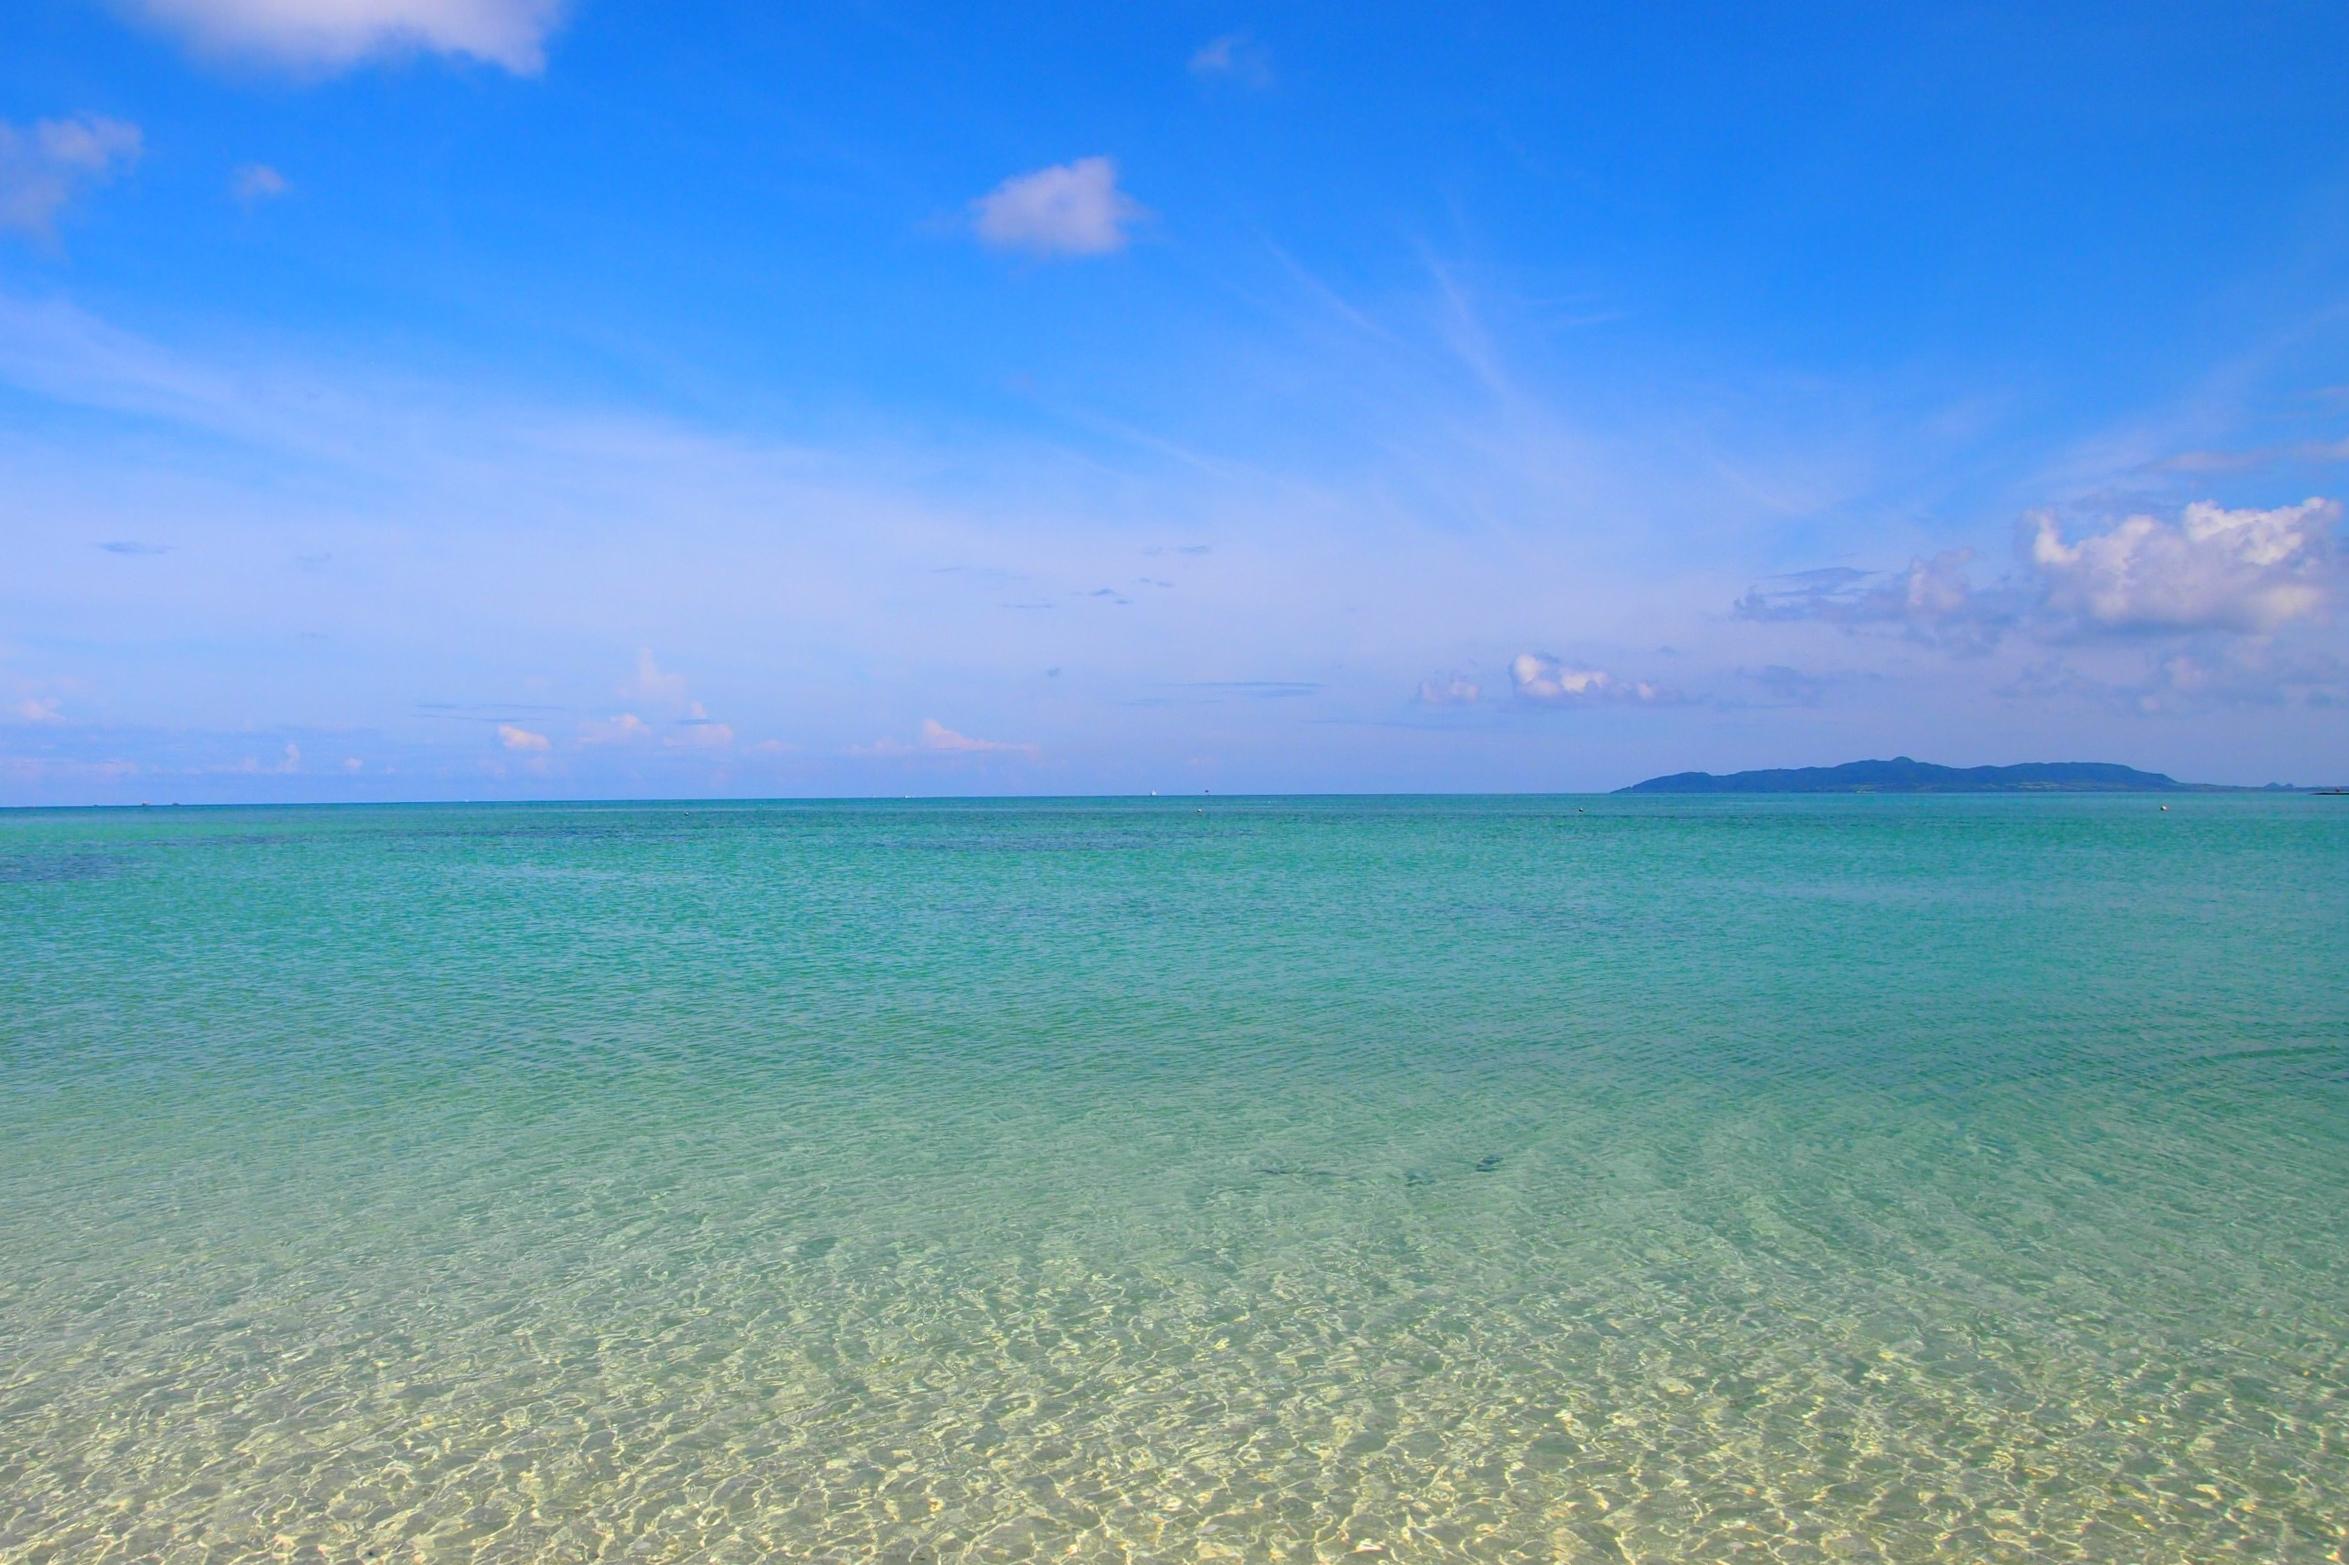 kondoi_beach03